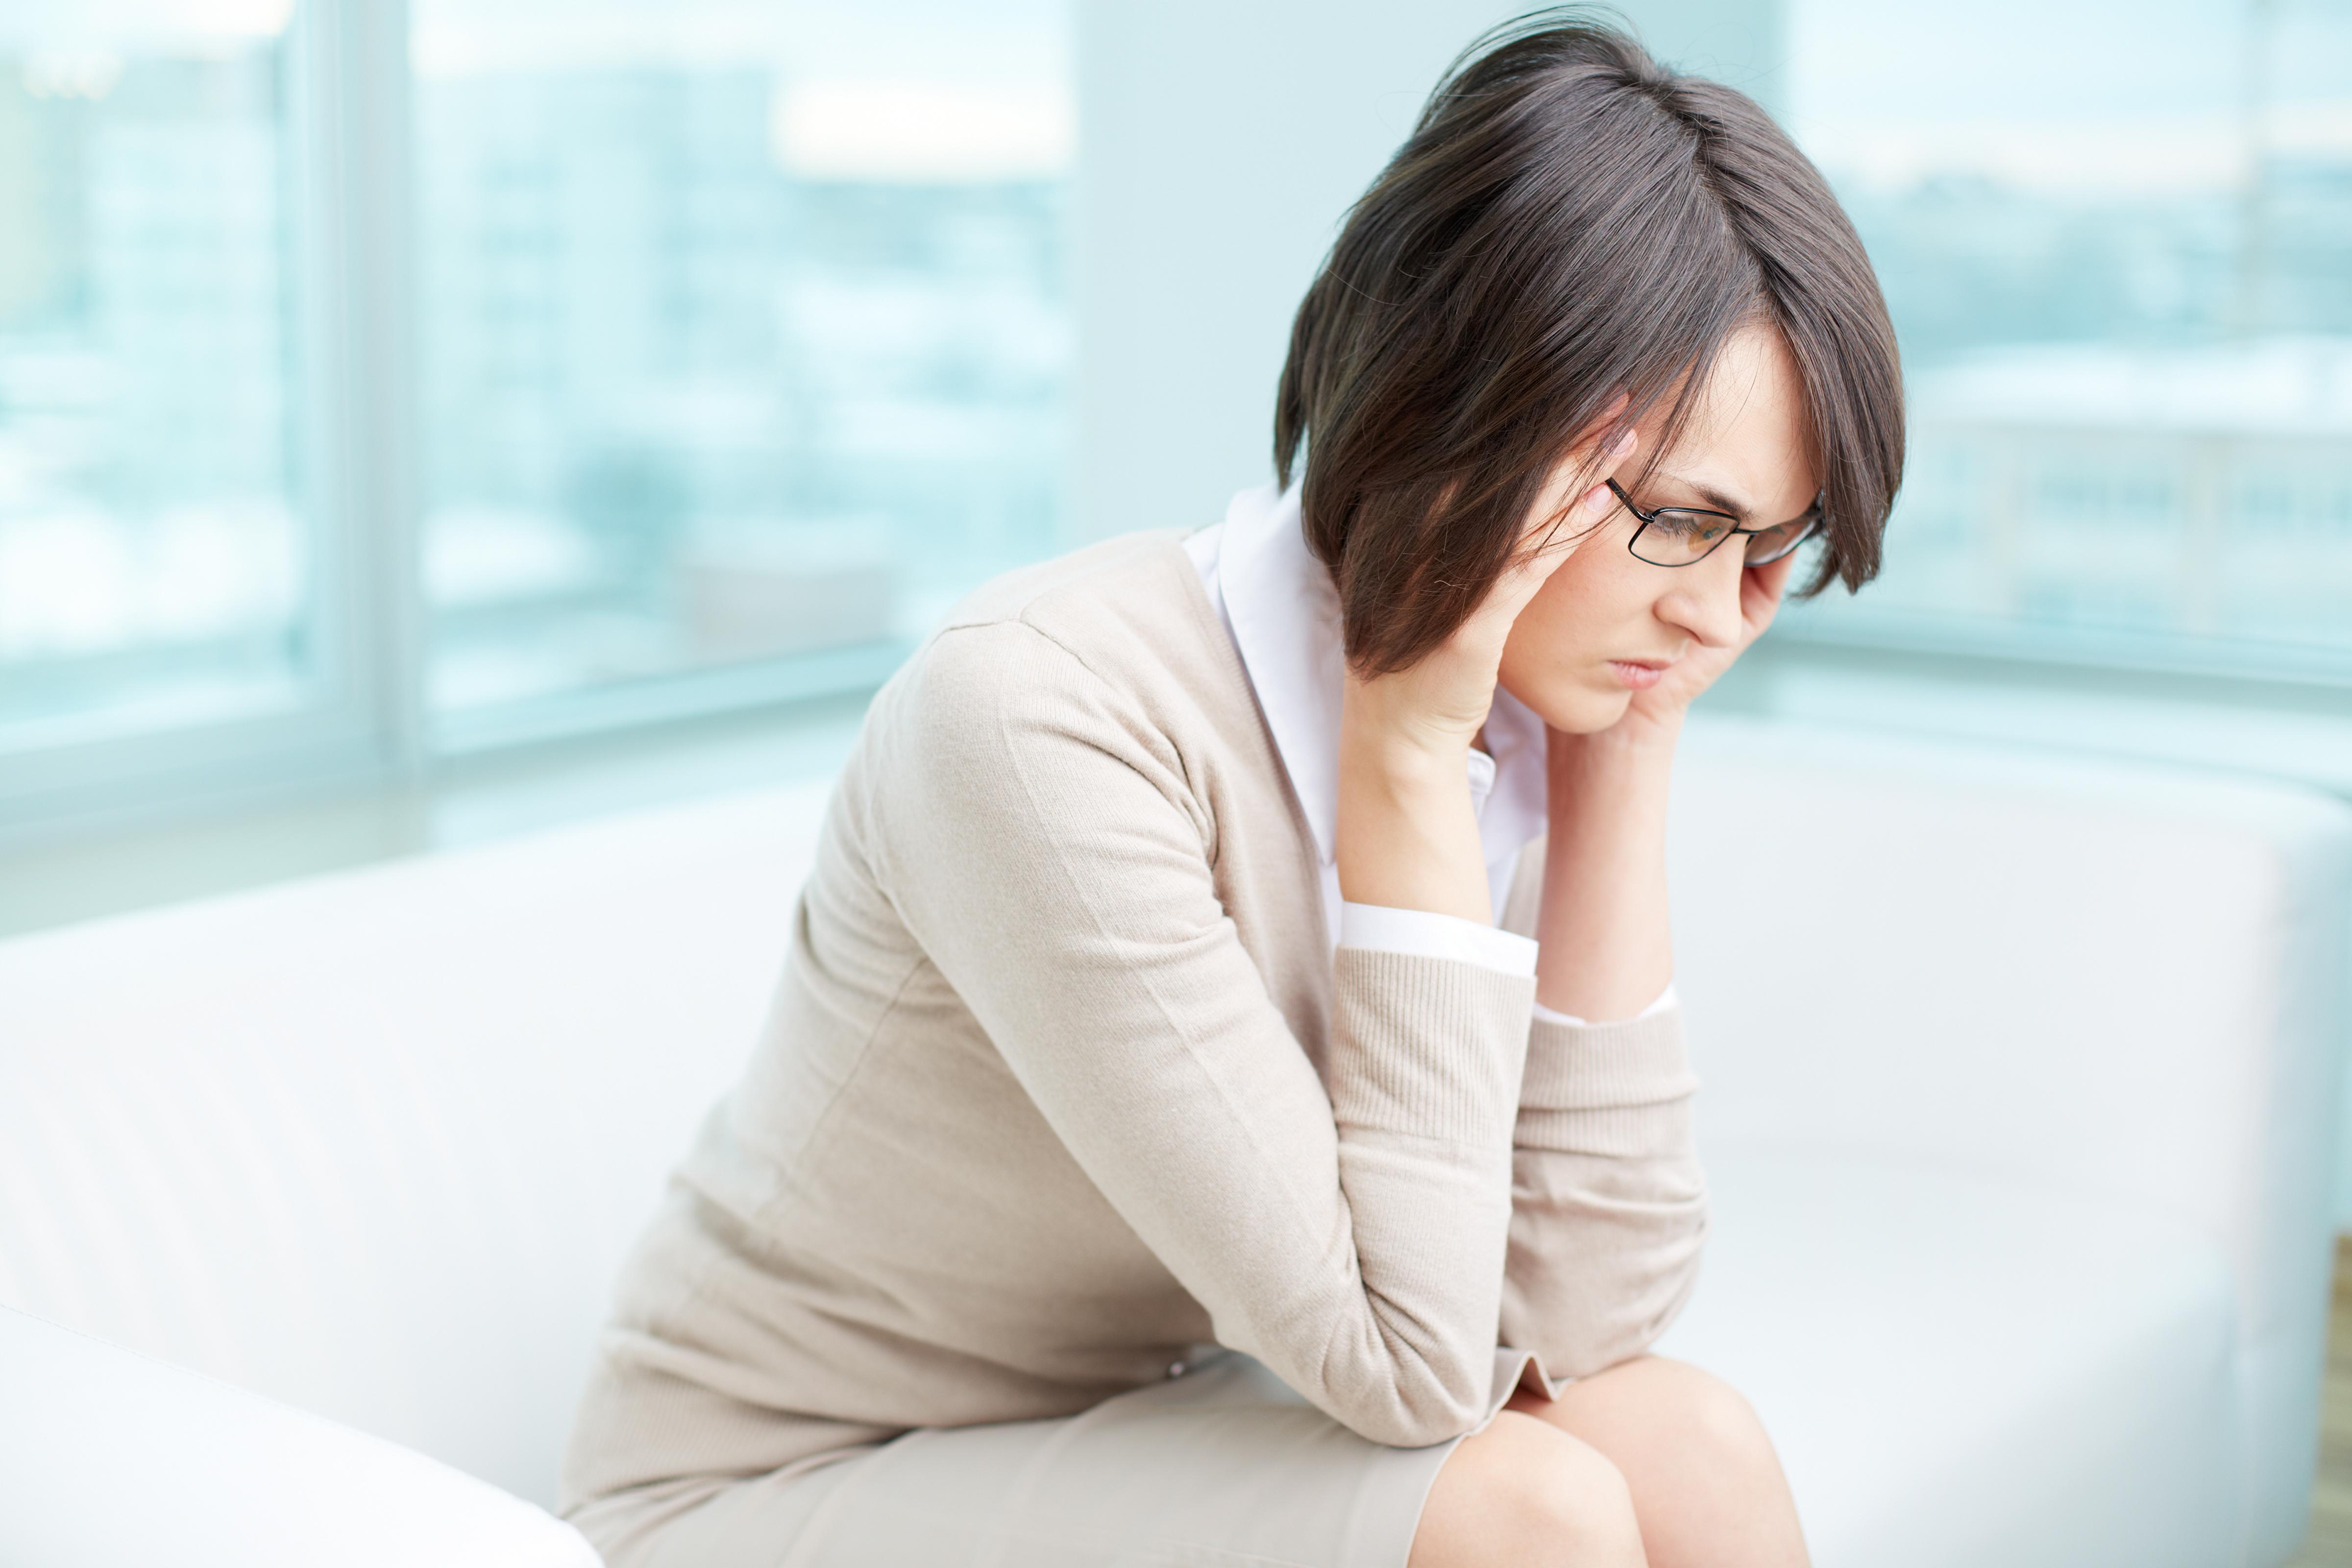 Las mujeres menores de 35 años, más propensas a sufrir ansiedad